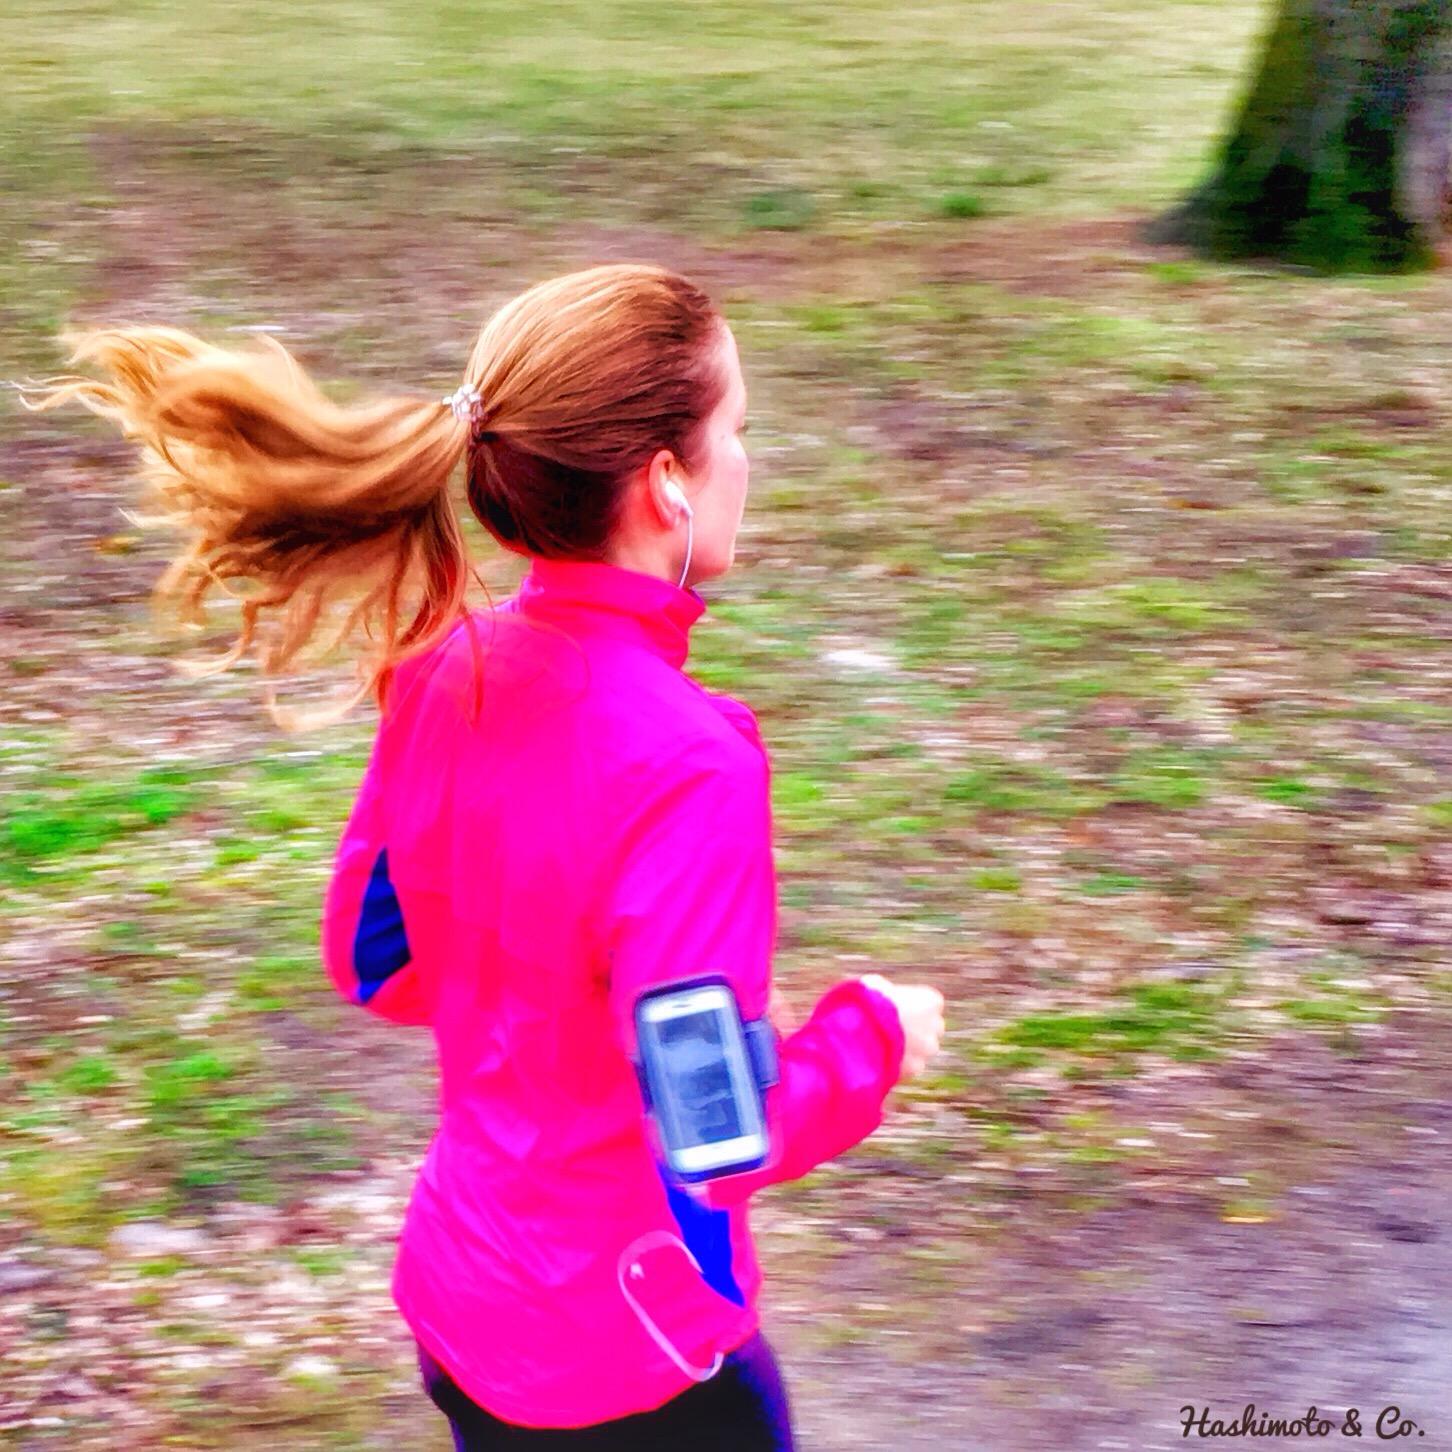 Laufen, Klettern, Springen, Schwimmen - für diese Aufgaben ist unser Körper genetisch programmiert. Wer eine Autoimmunerkrankung hat, muss darauf ganz sicher Rücksicht nehmen. Übergewicht und Bewegungsmangel stellen für den Körper aber zusätzliche Belastungen bis hin zu gesundheitlichen Risiken dar.